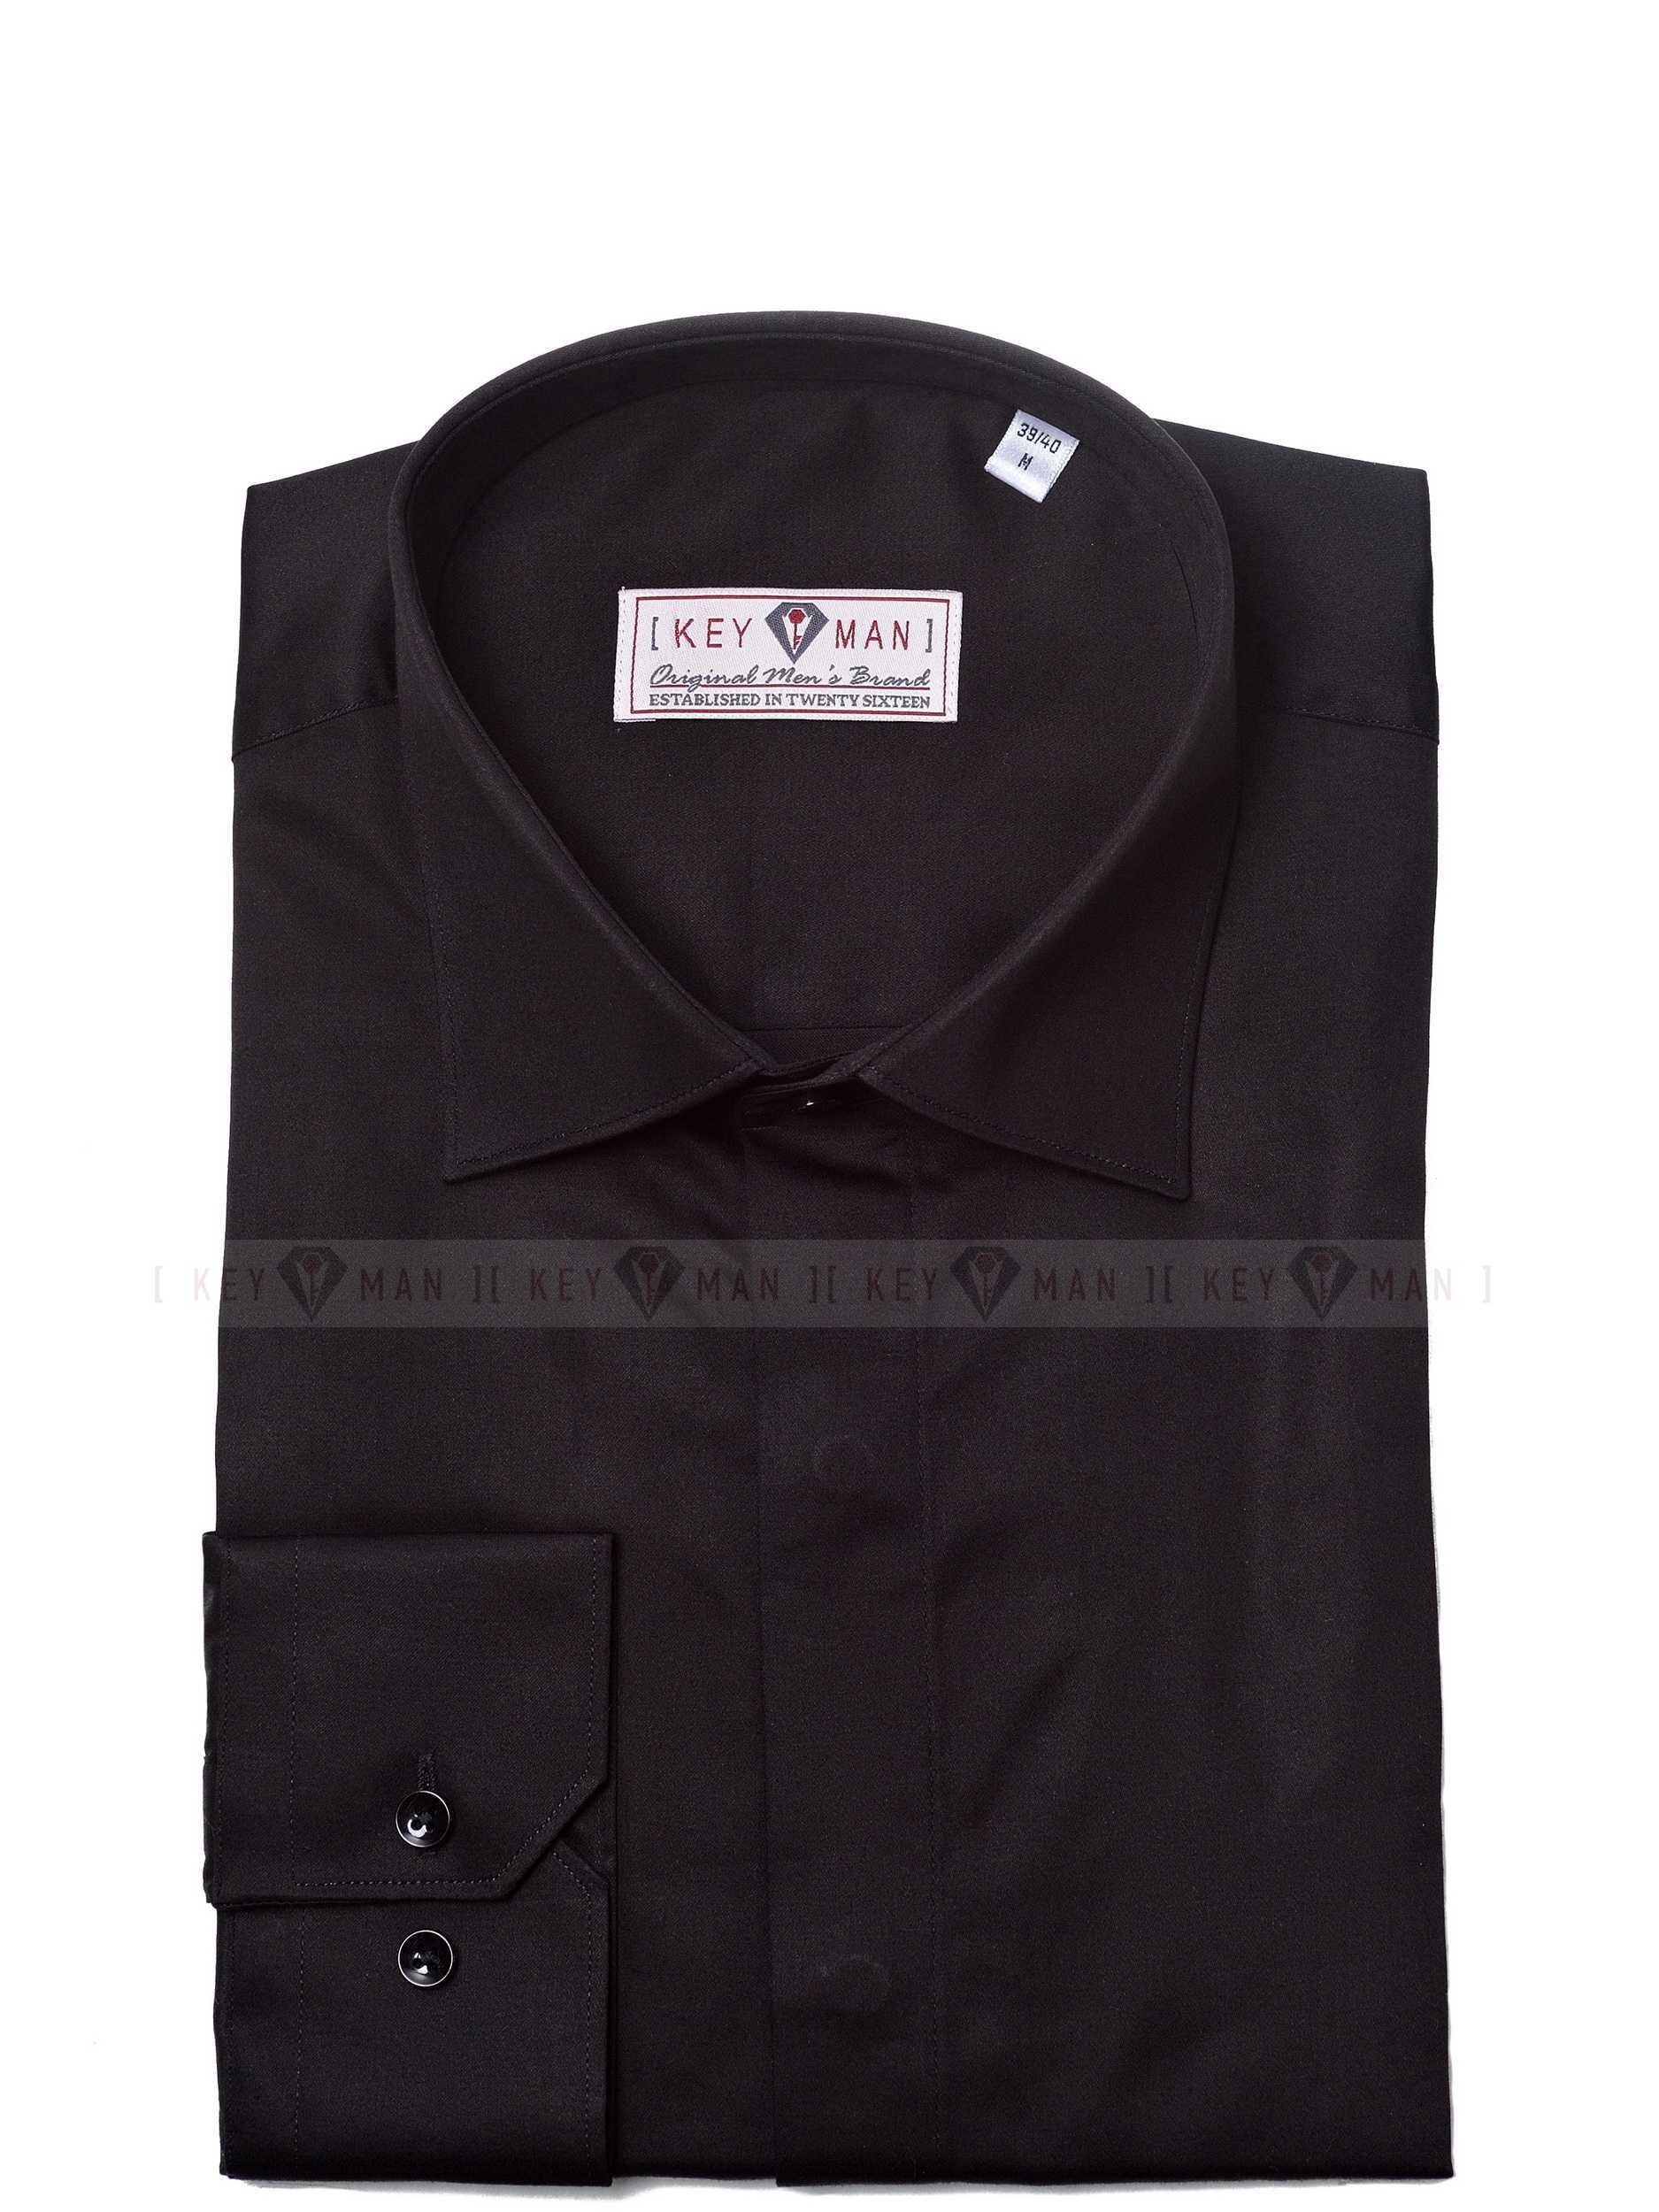 Рубашка мужская черная сатин